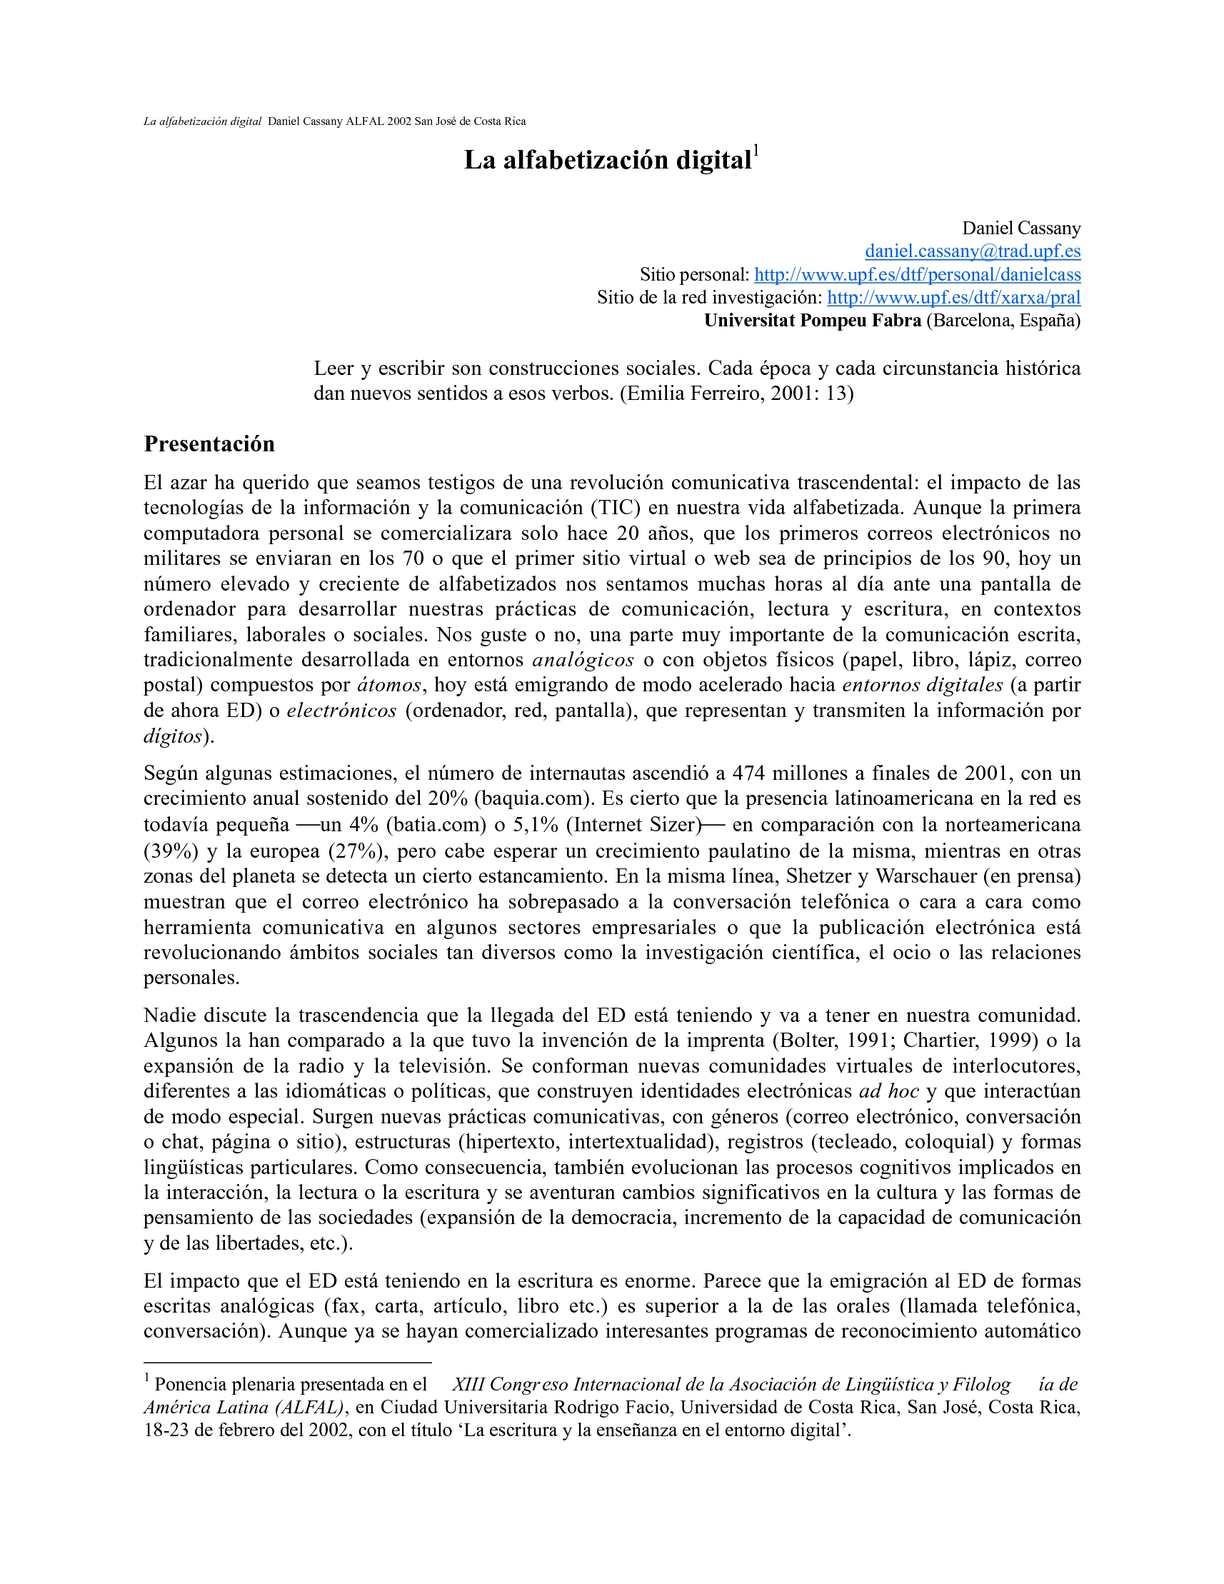 Calaméo - La albafetización digital Cassany